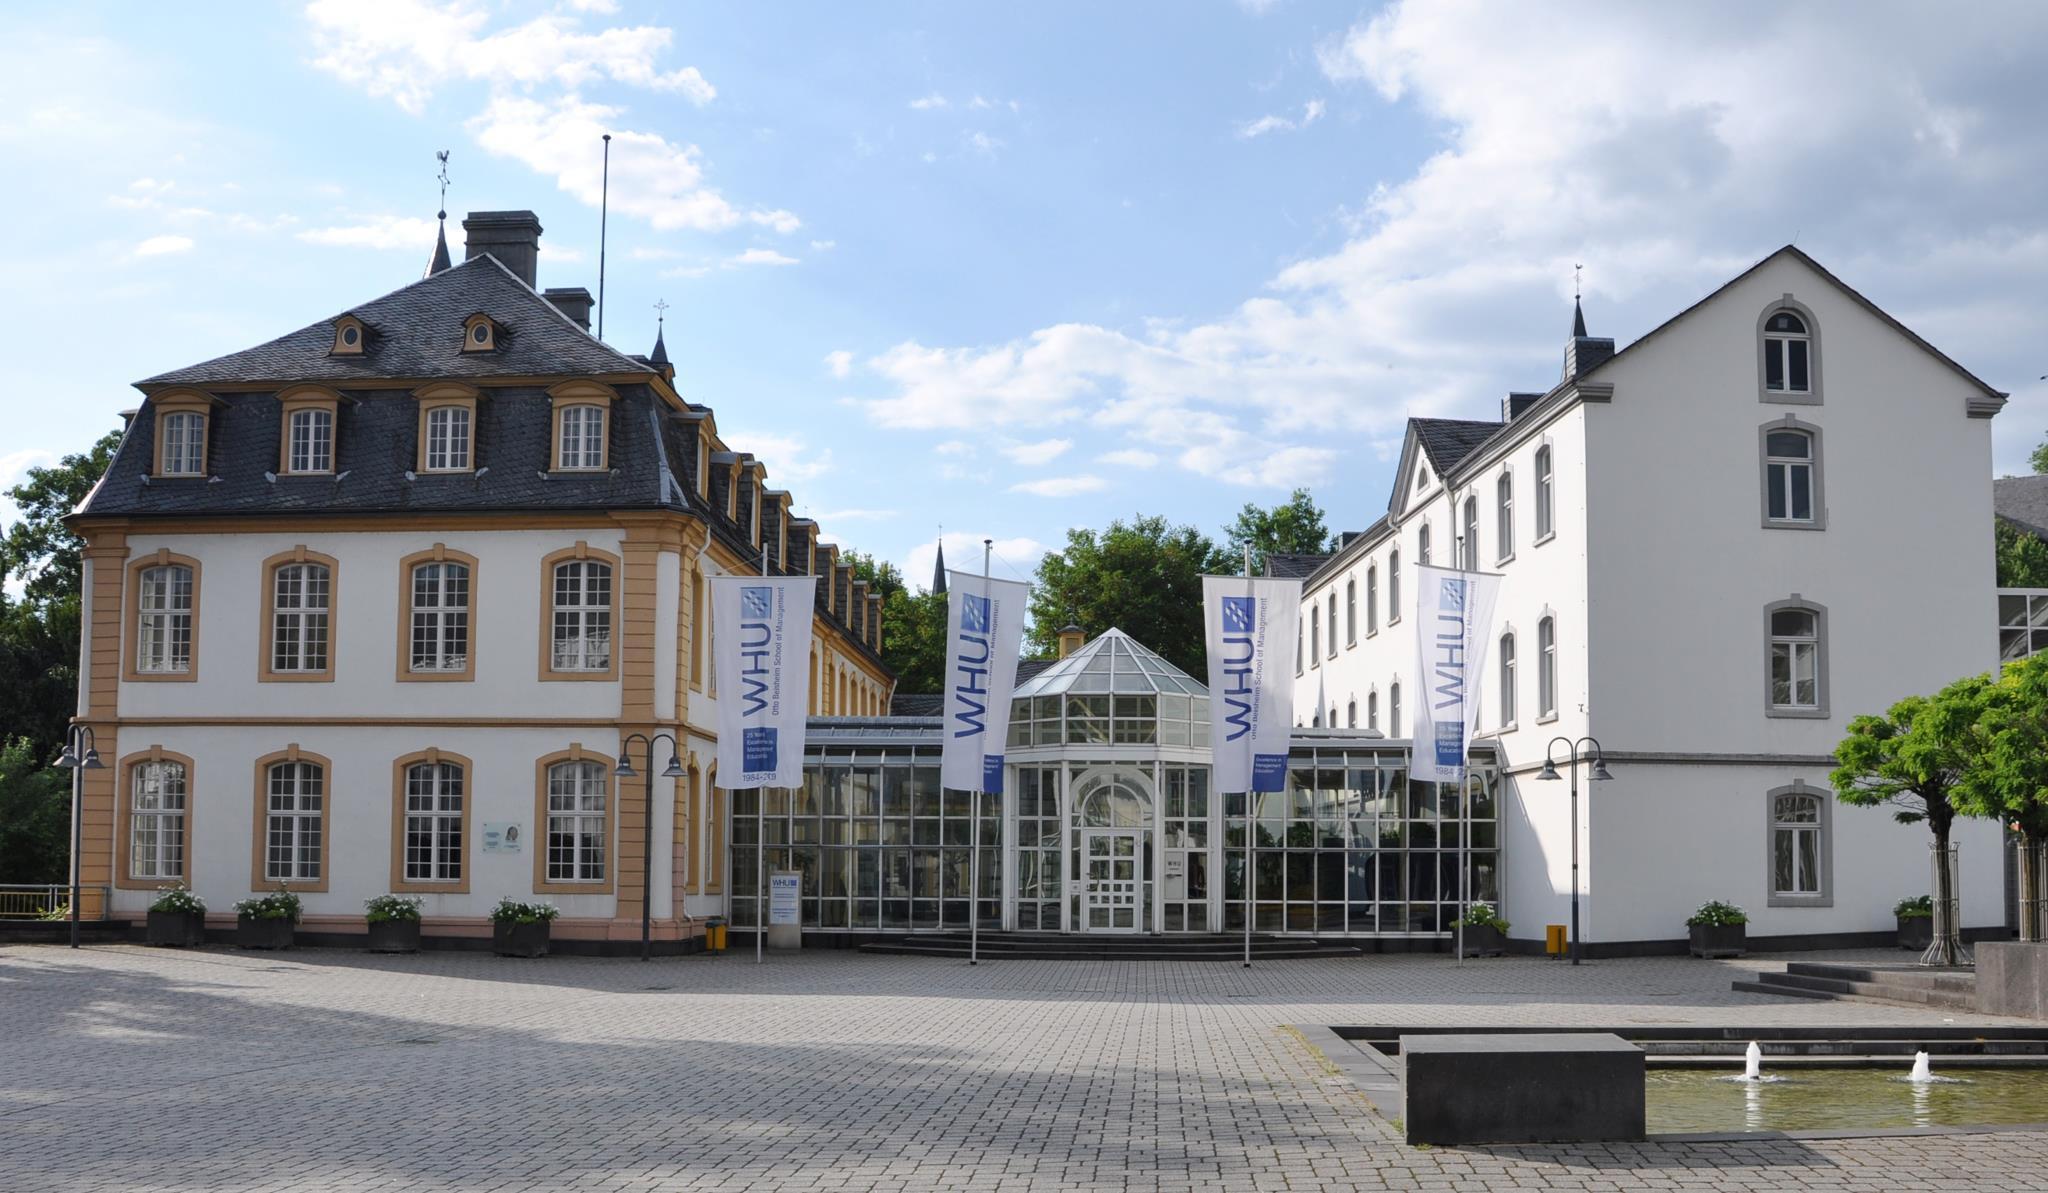 Otto Beisheim School of Management – WHU Campus